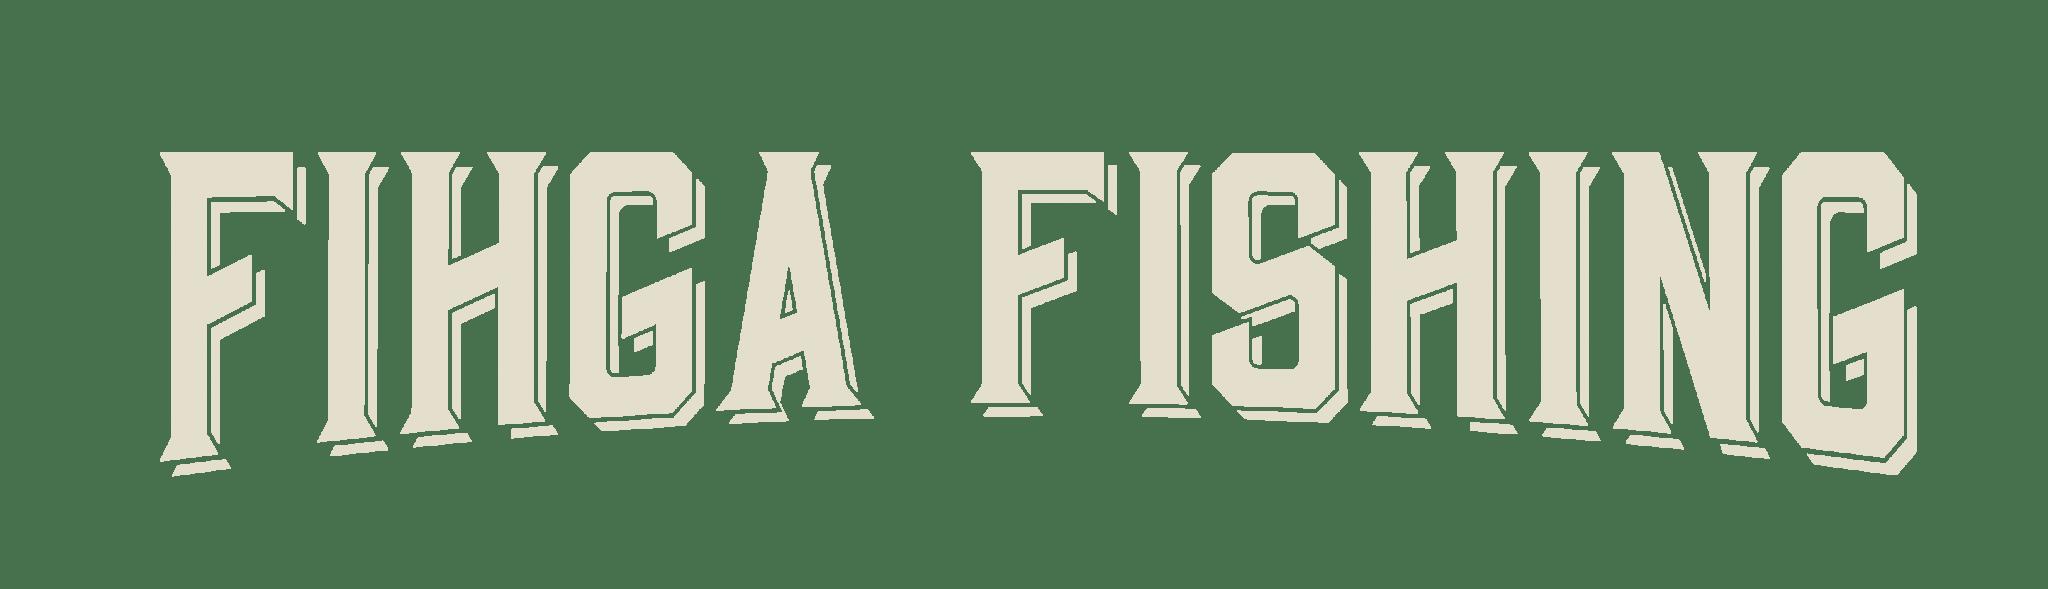 Fihga Fishing logo